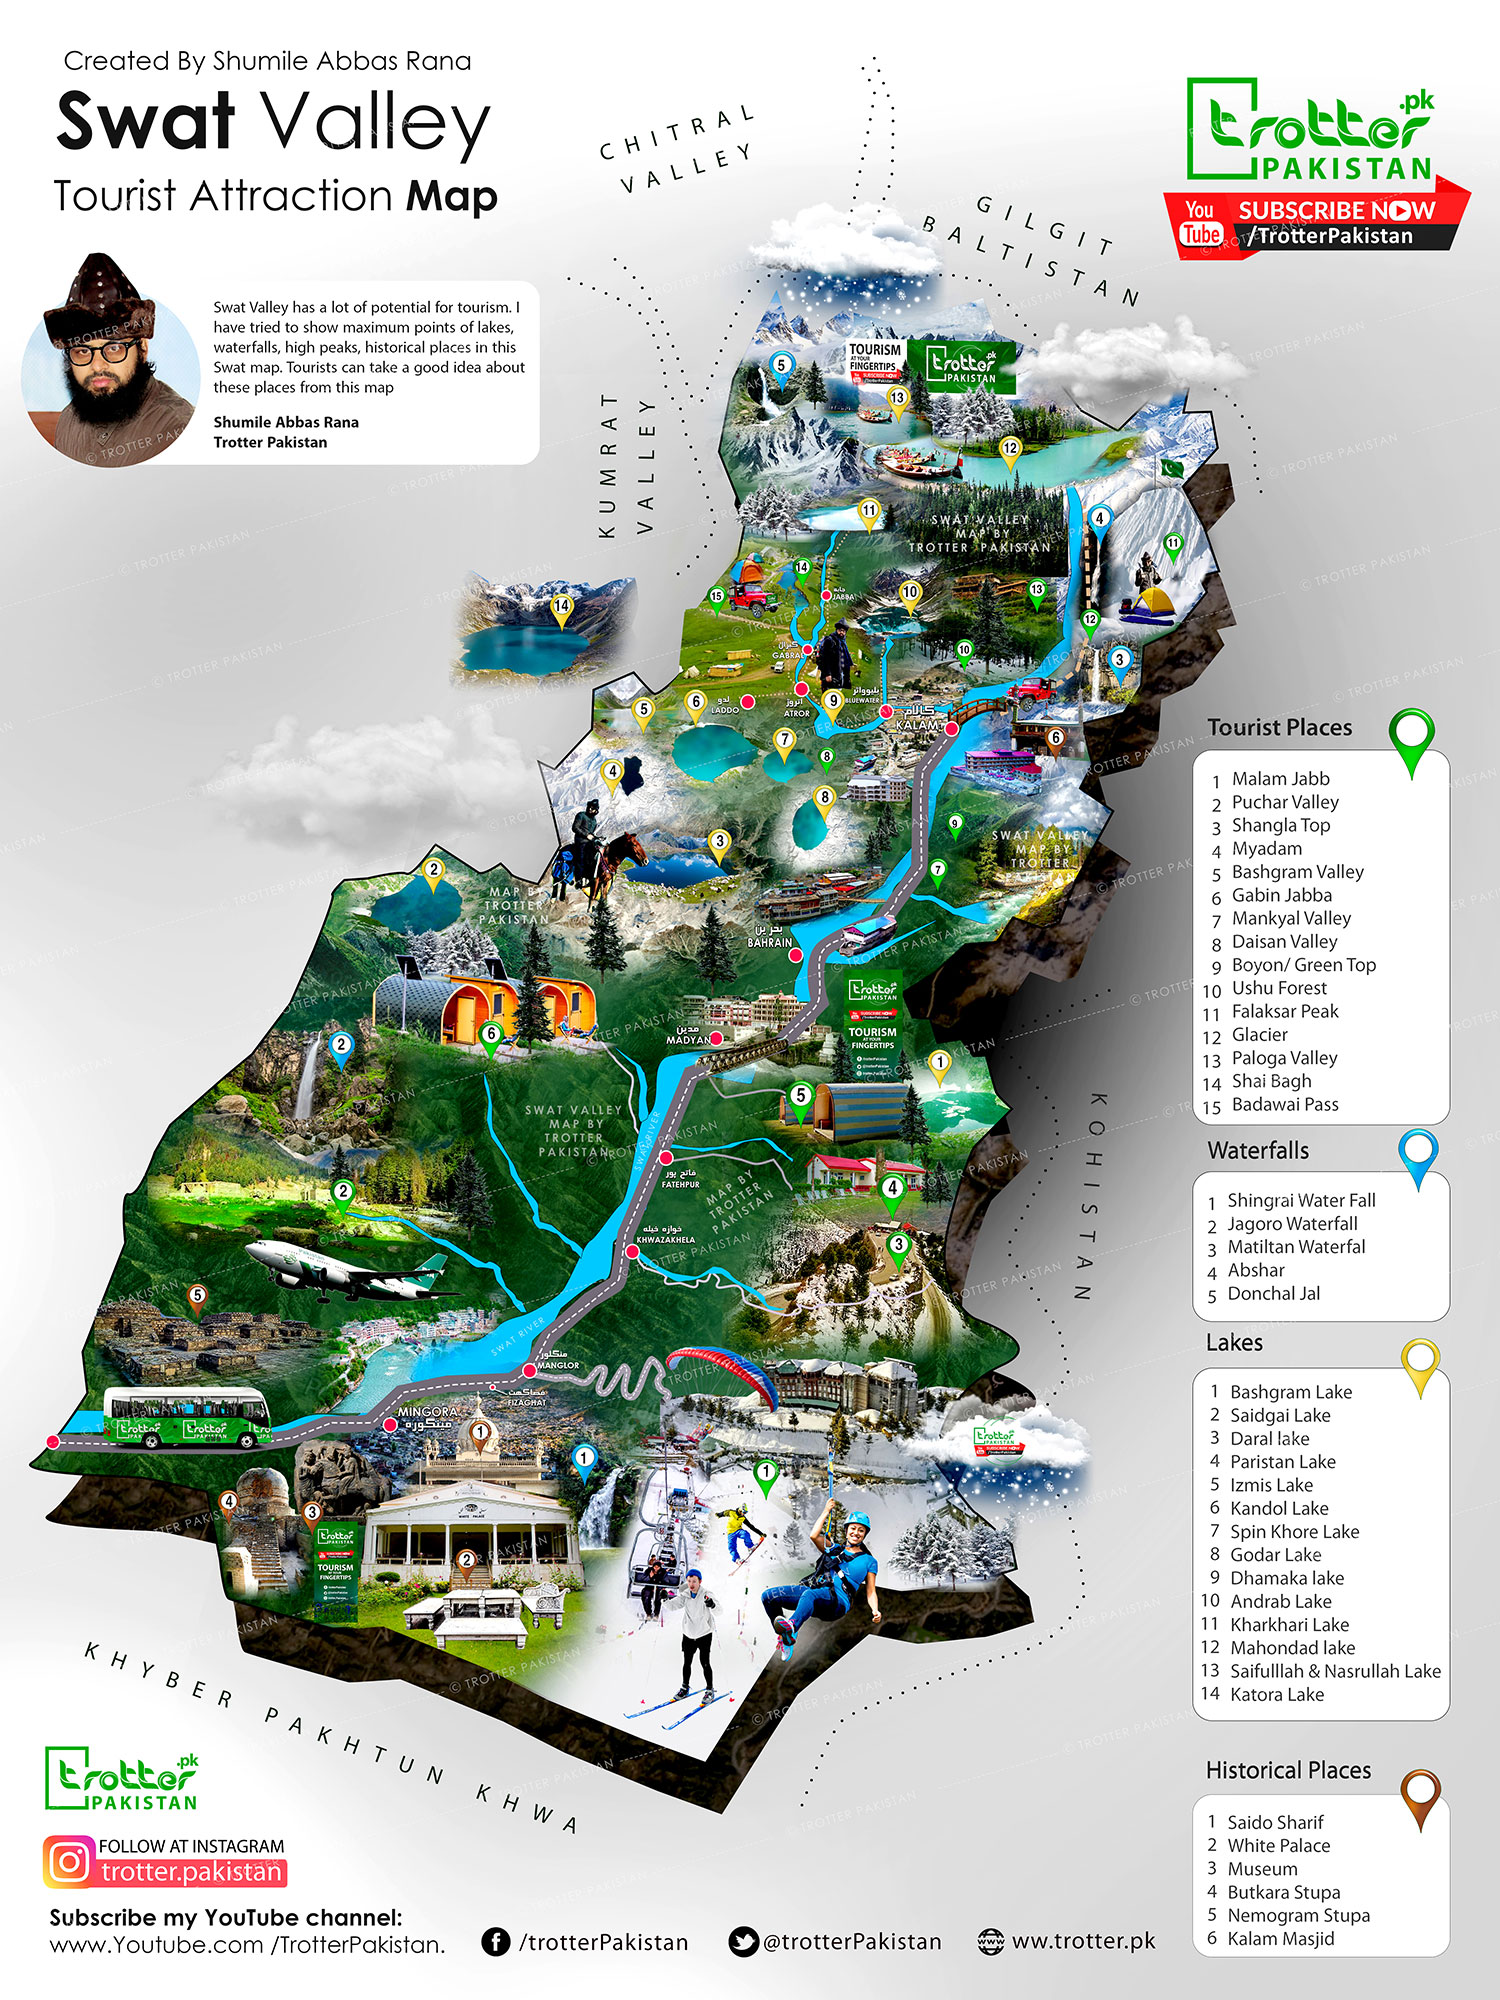 Swat Valley Tourist Map 2021